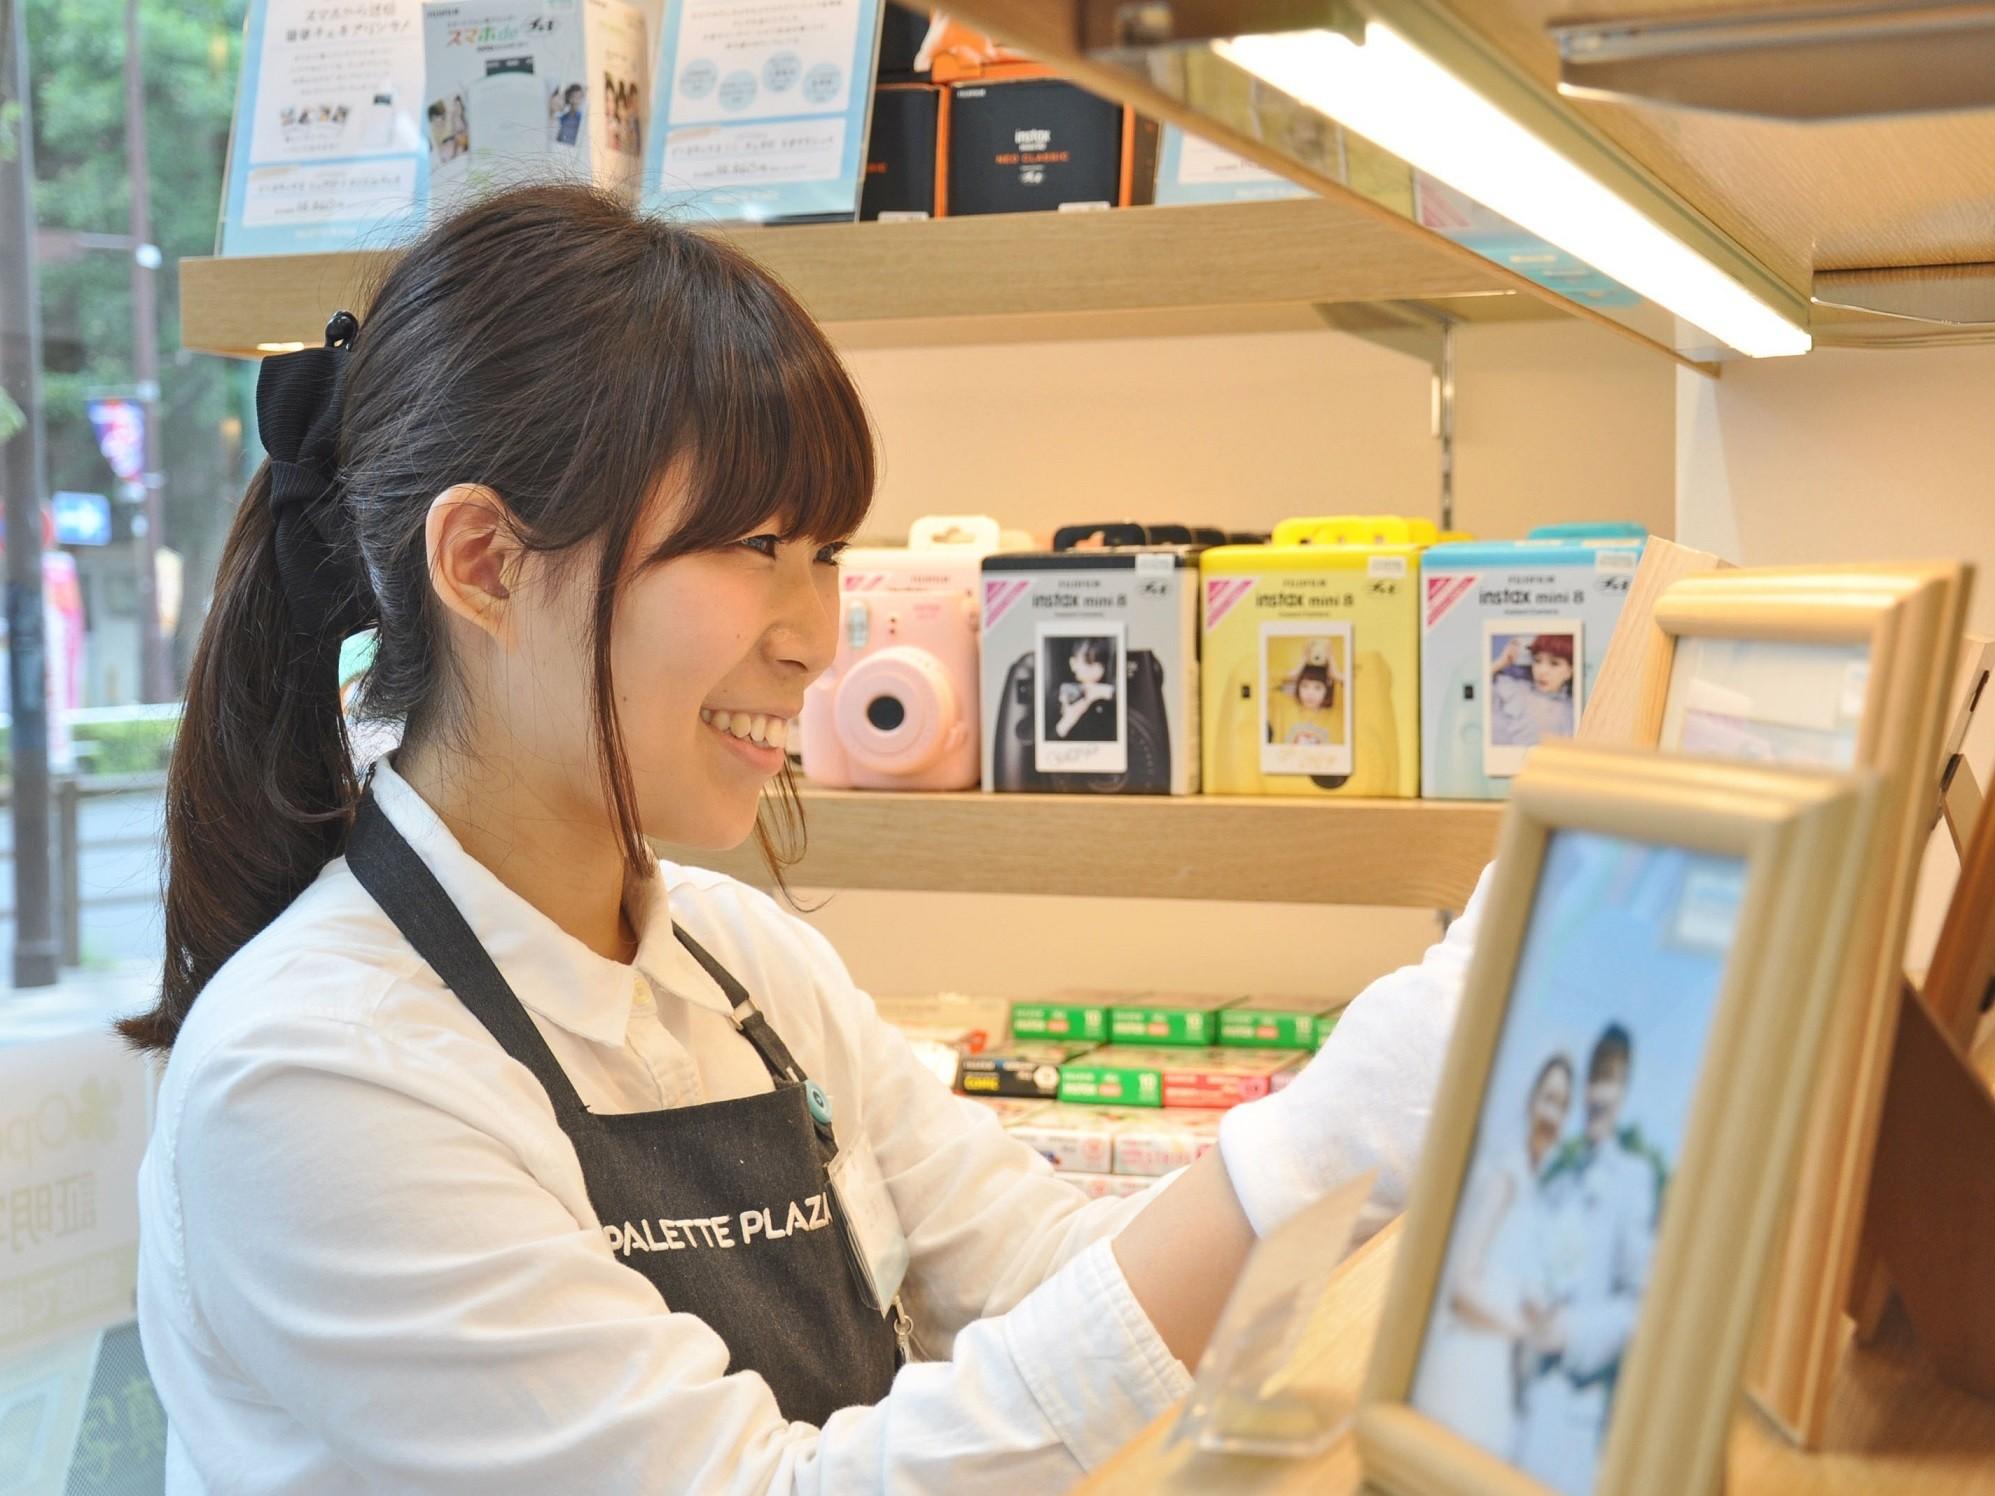 パレットプラザ 新高円寺店 のアルバイト情報